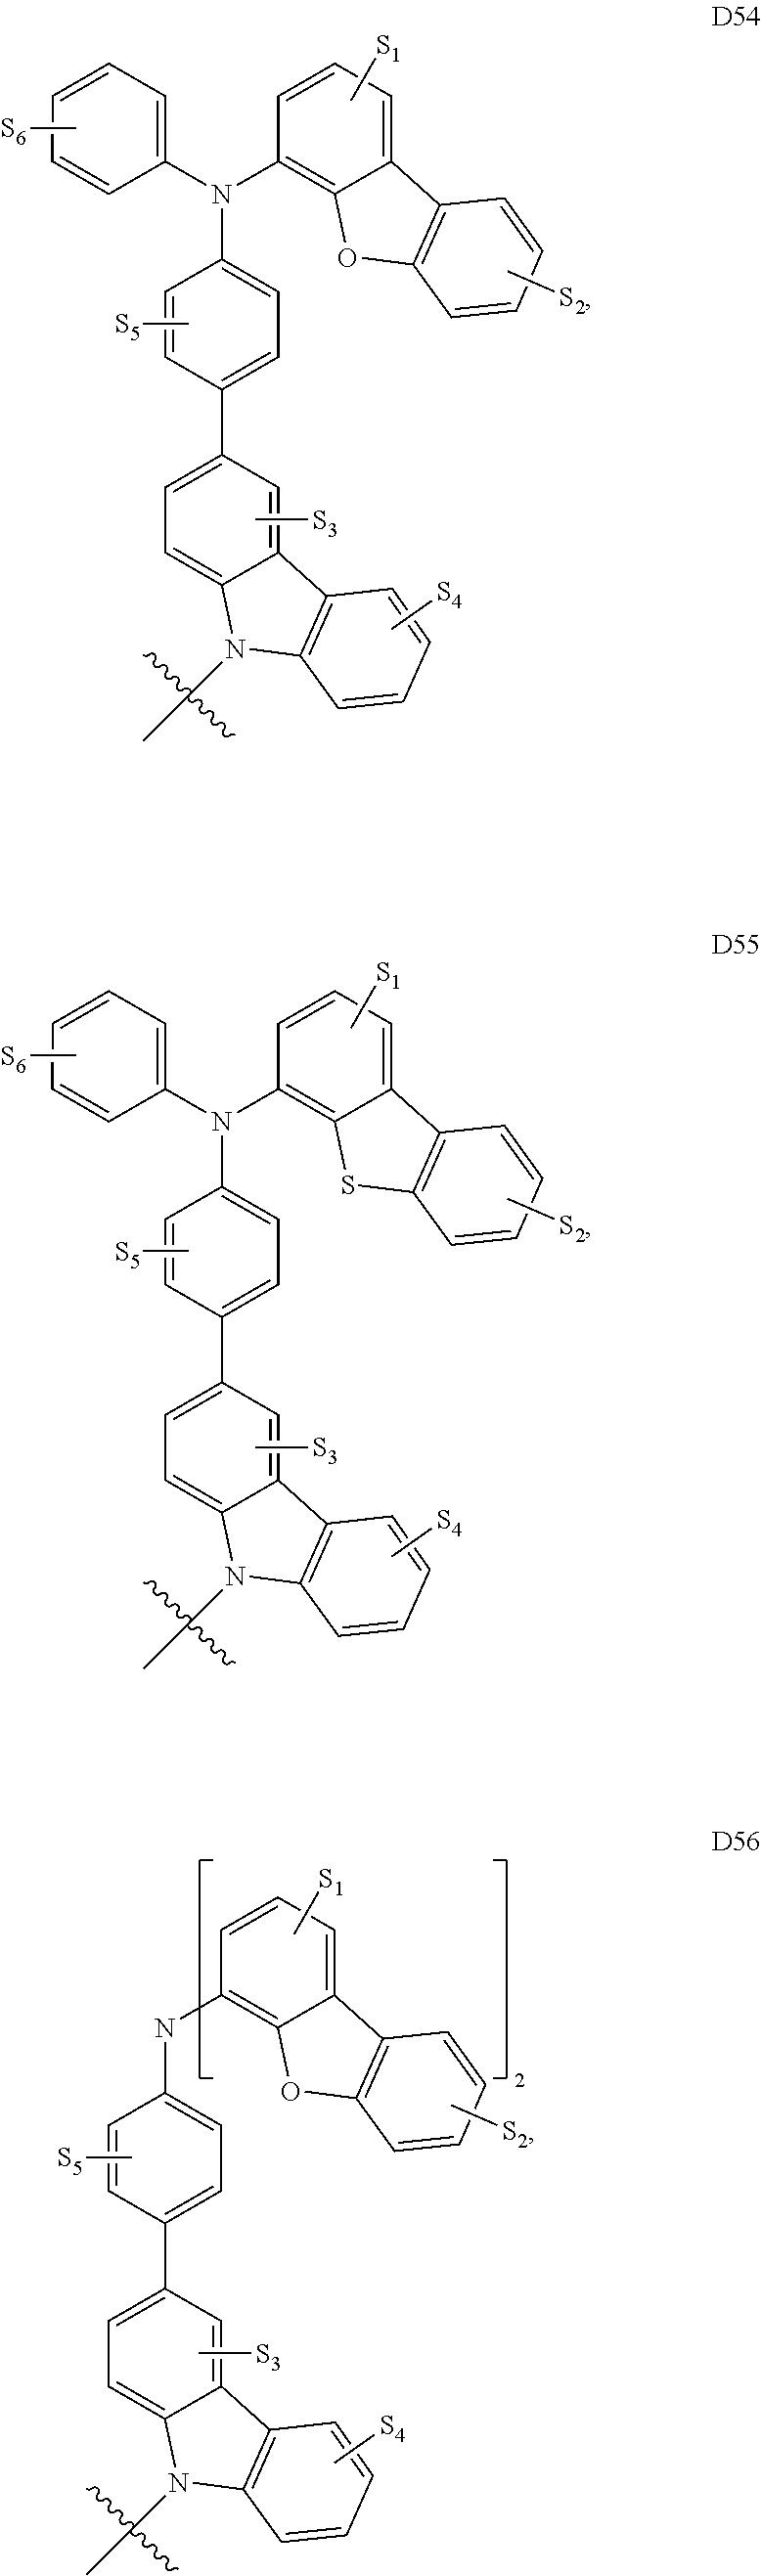 Figure US09324949-20160426-C00331